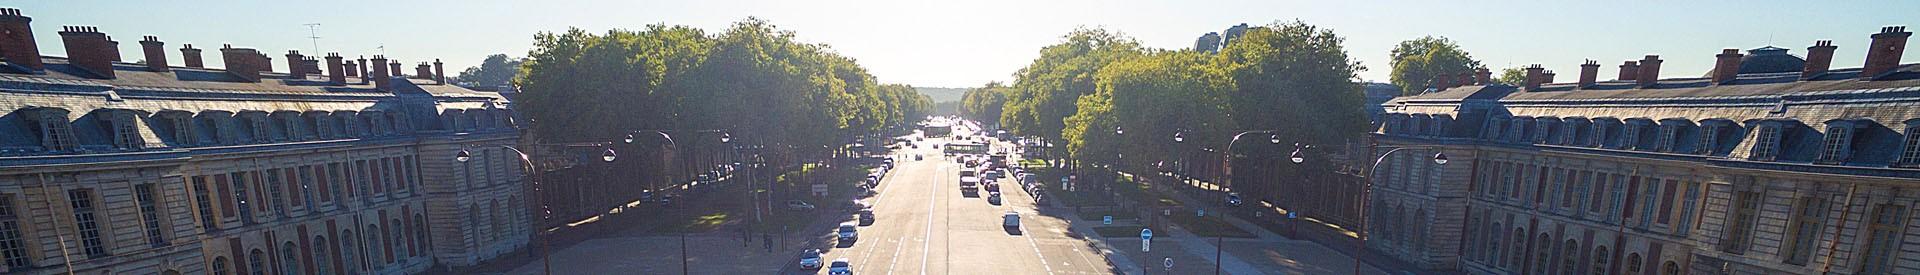 city-of-versailles-112